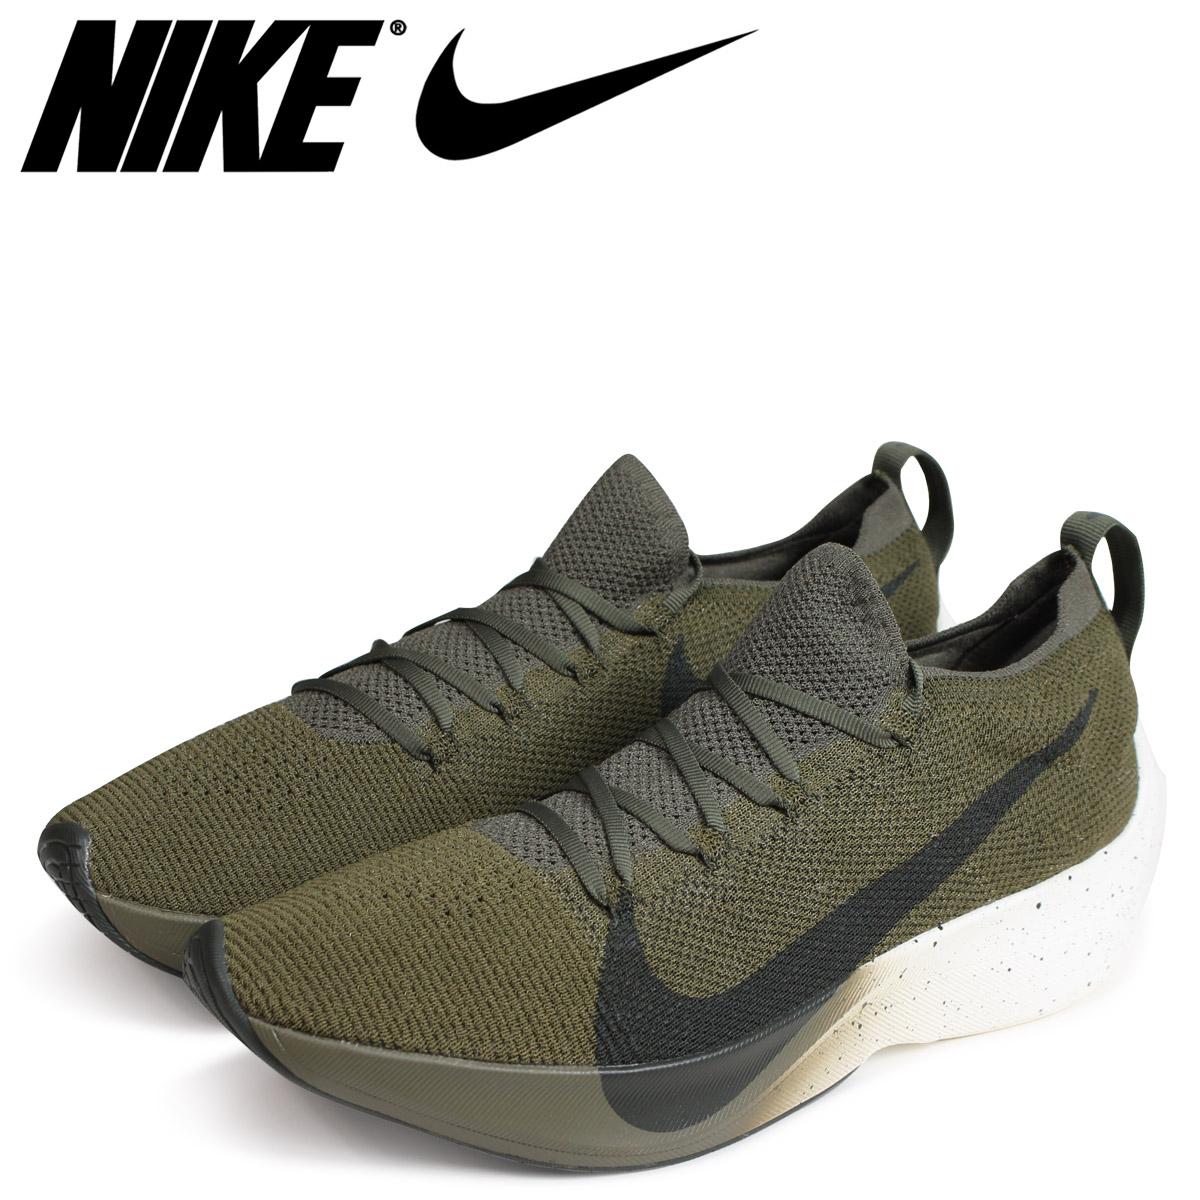 70e73e1d9b NIKE Nike vapor street sneakers men VAPOR STREET FLYKNIT AQ1763-201 olive  [load planned ...